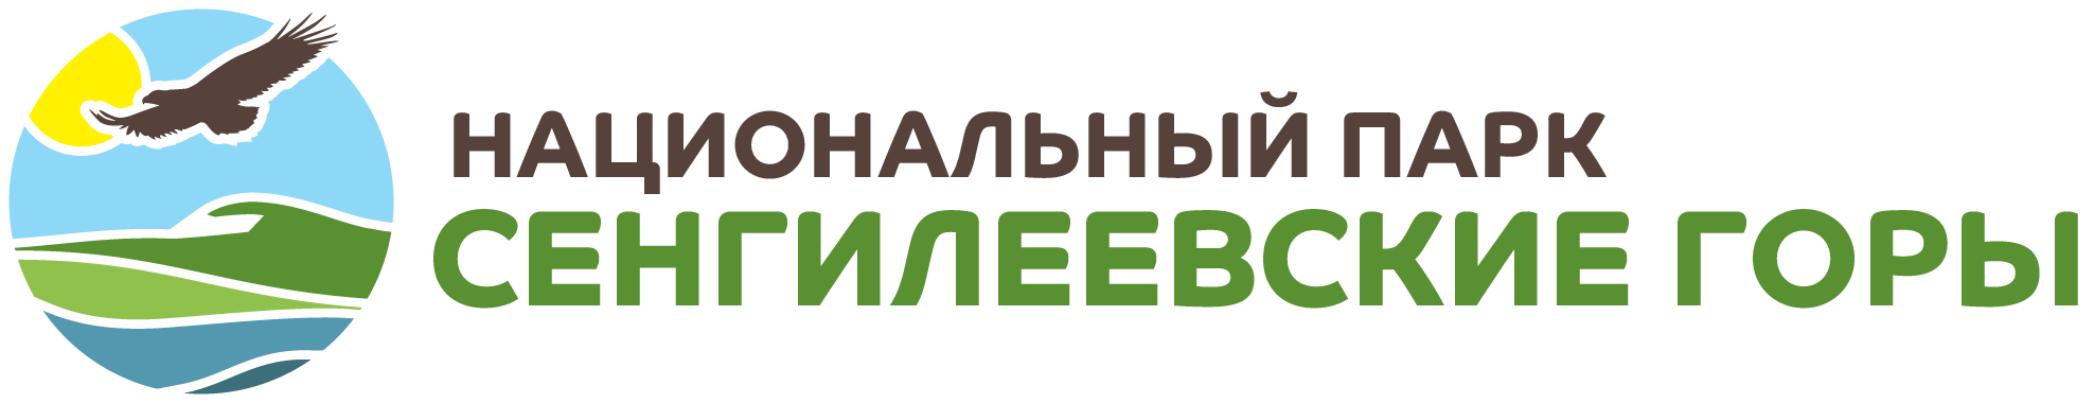 """Национальный парк """"Сенгилеевские горы"""""""""""